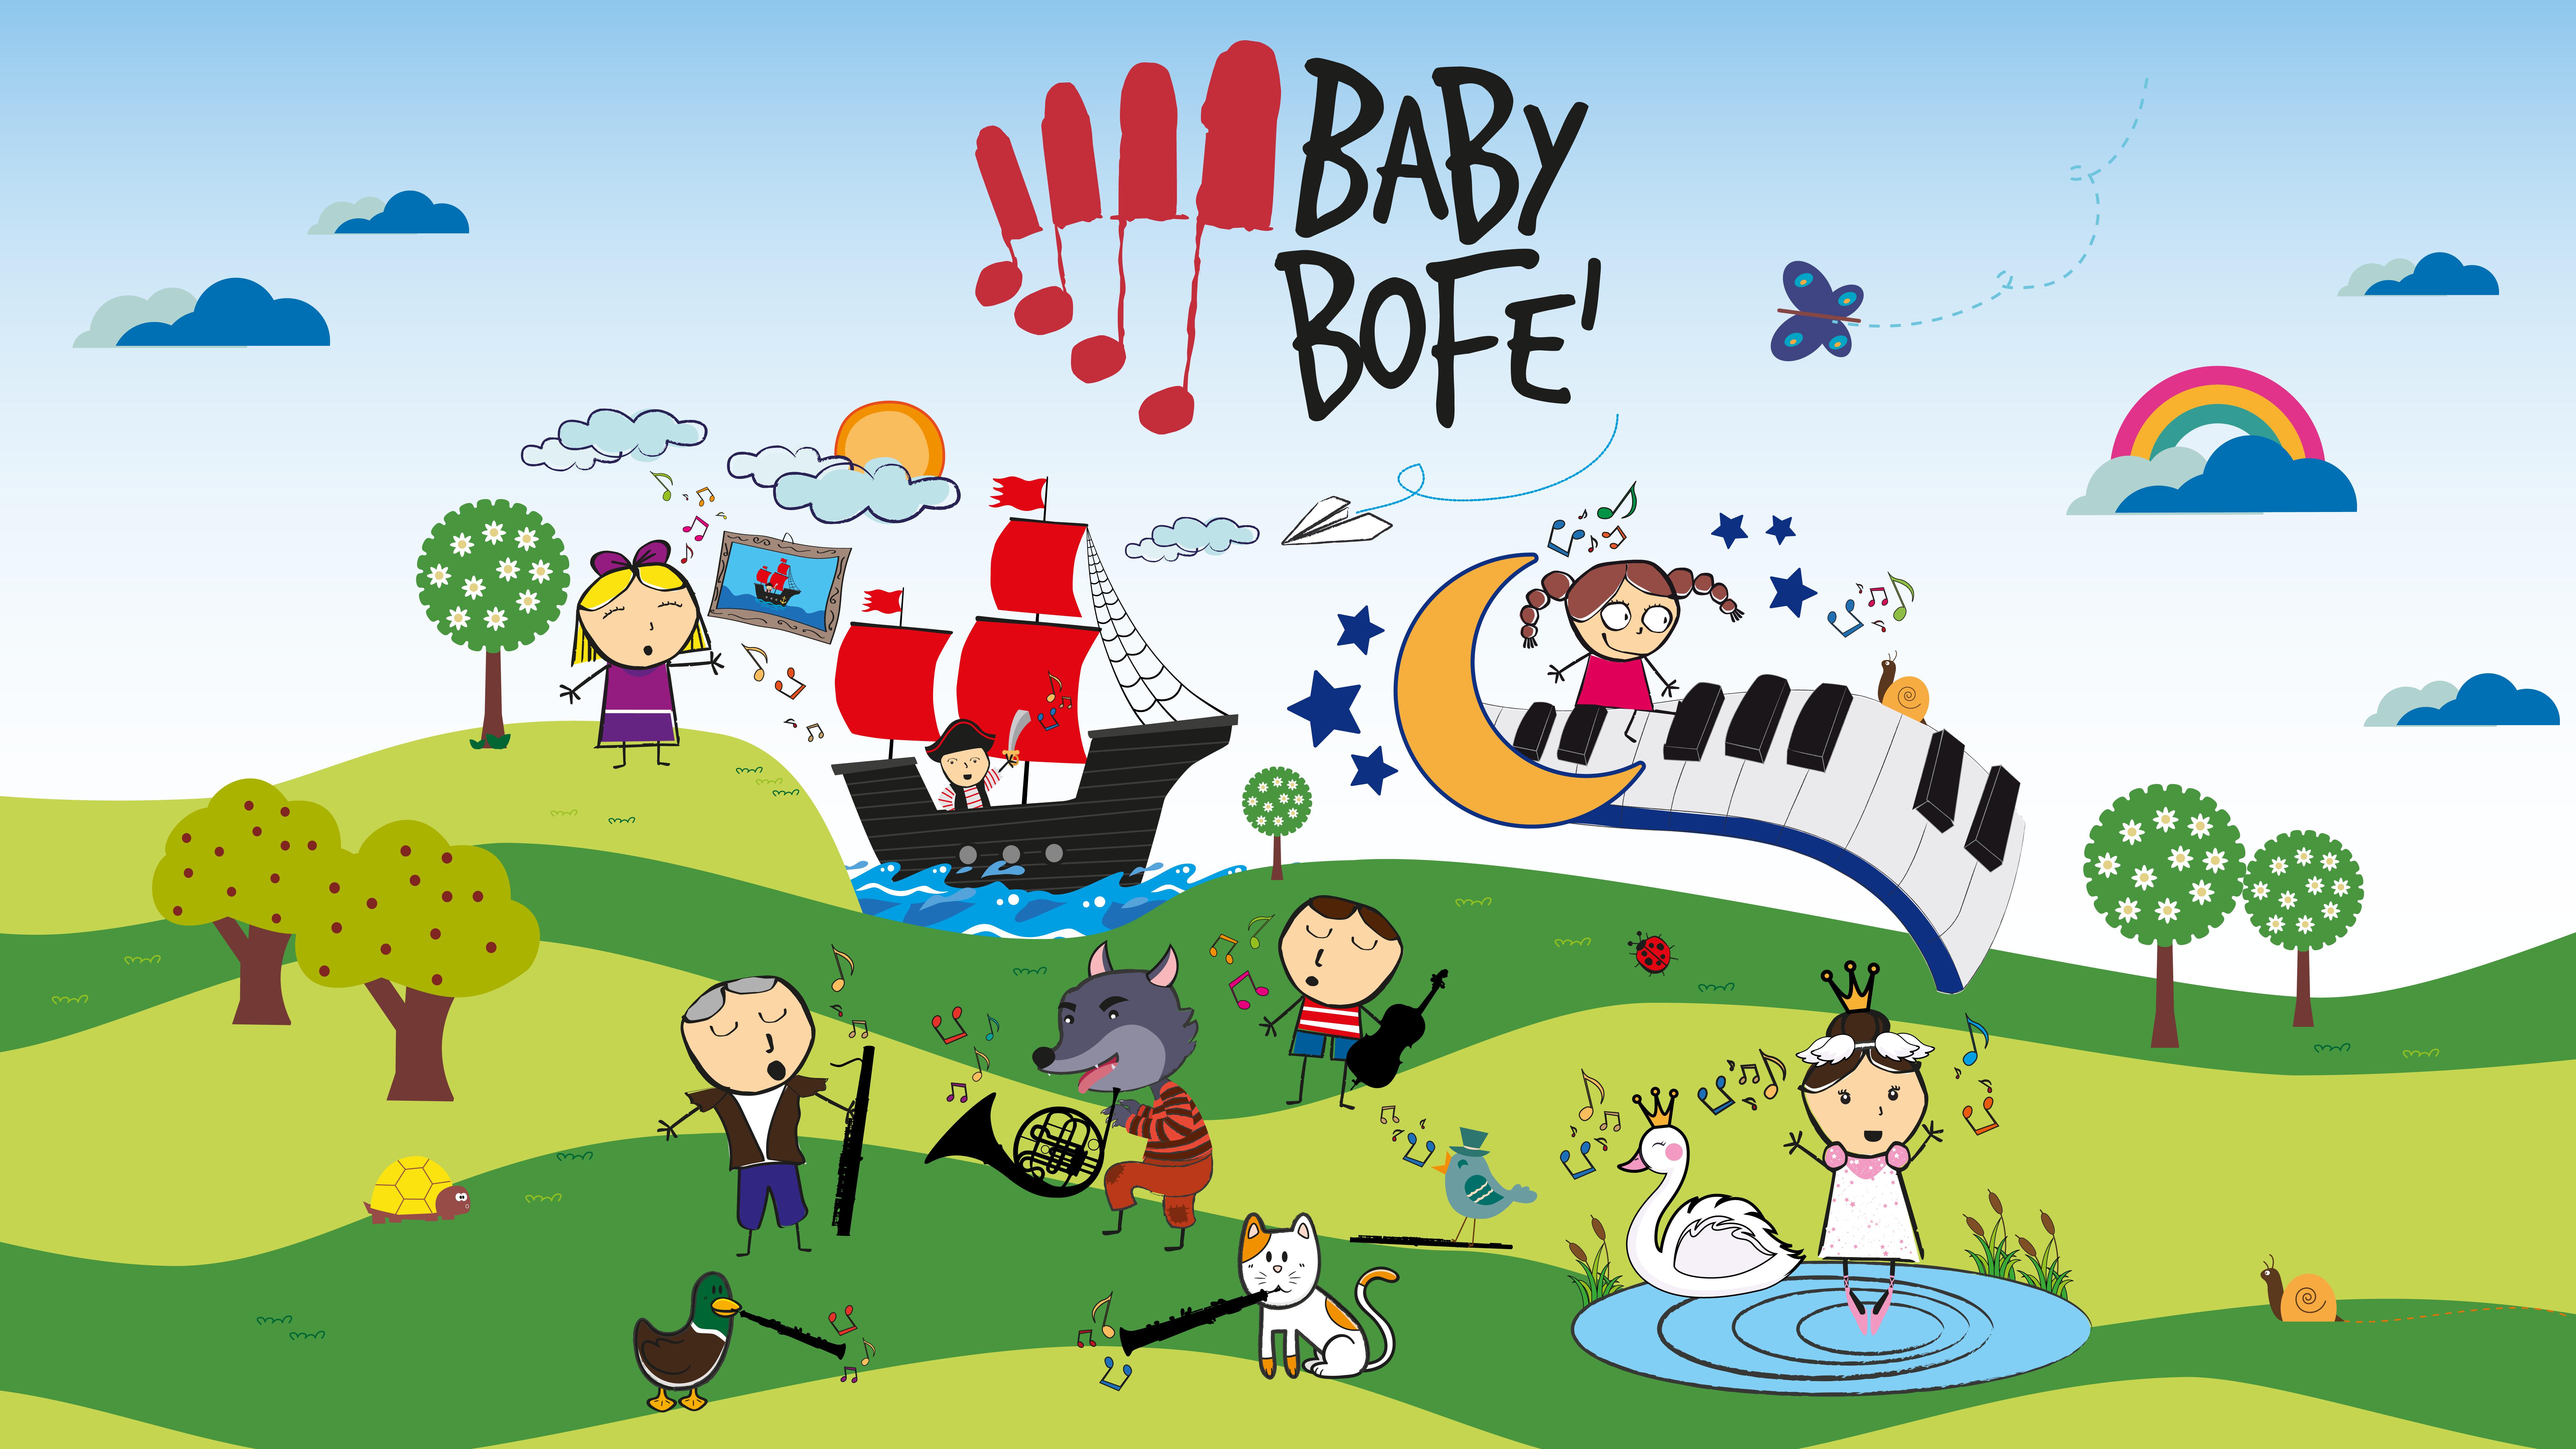 1920x1080 baby bofe 2021